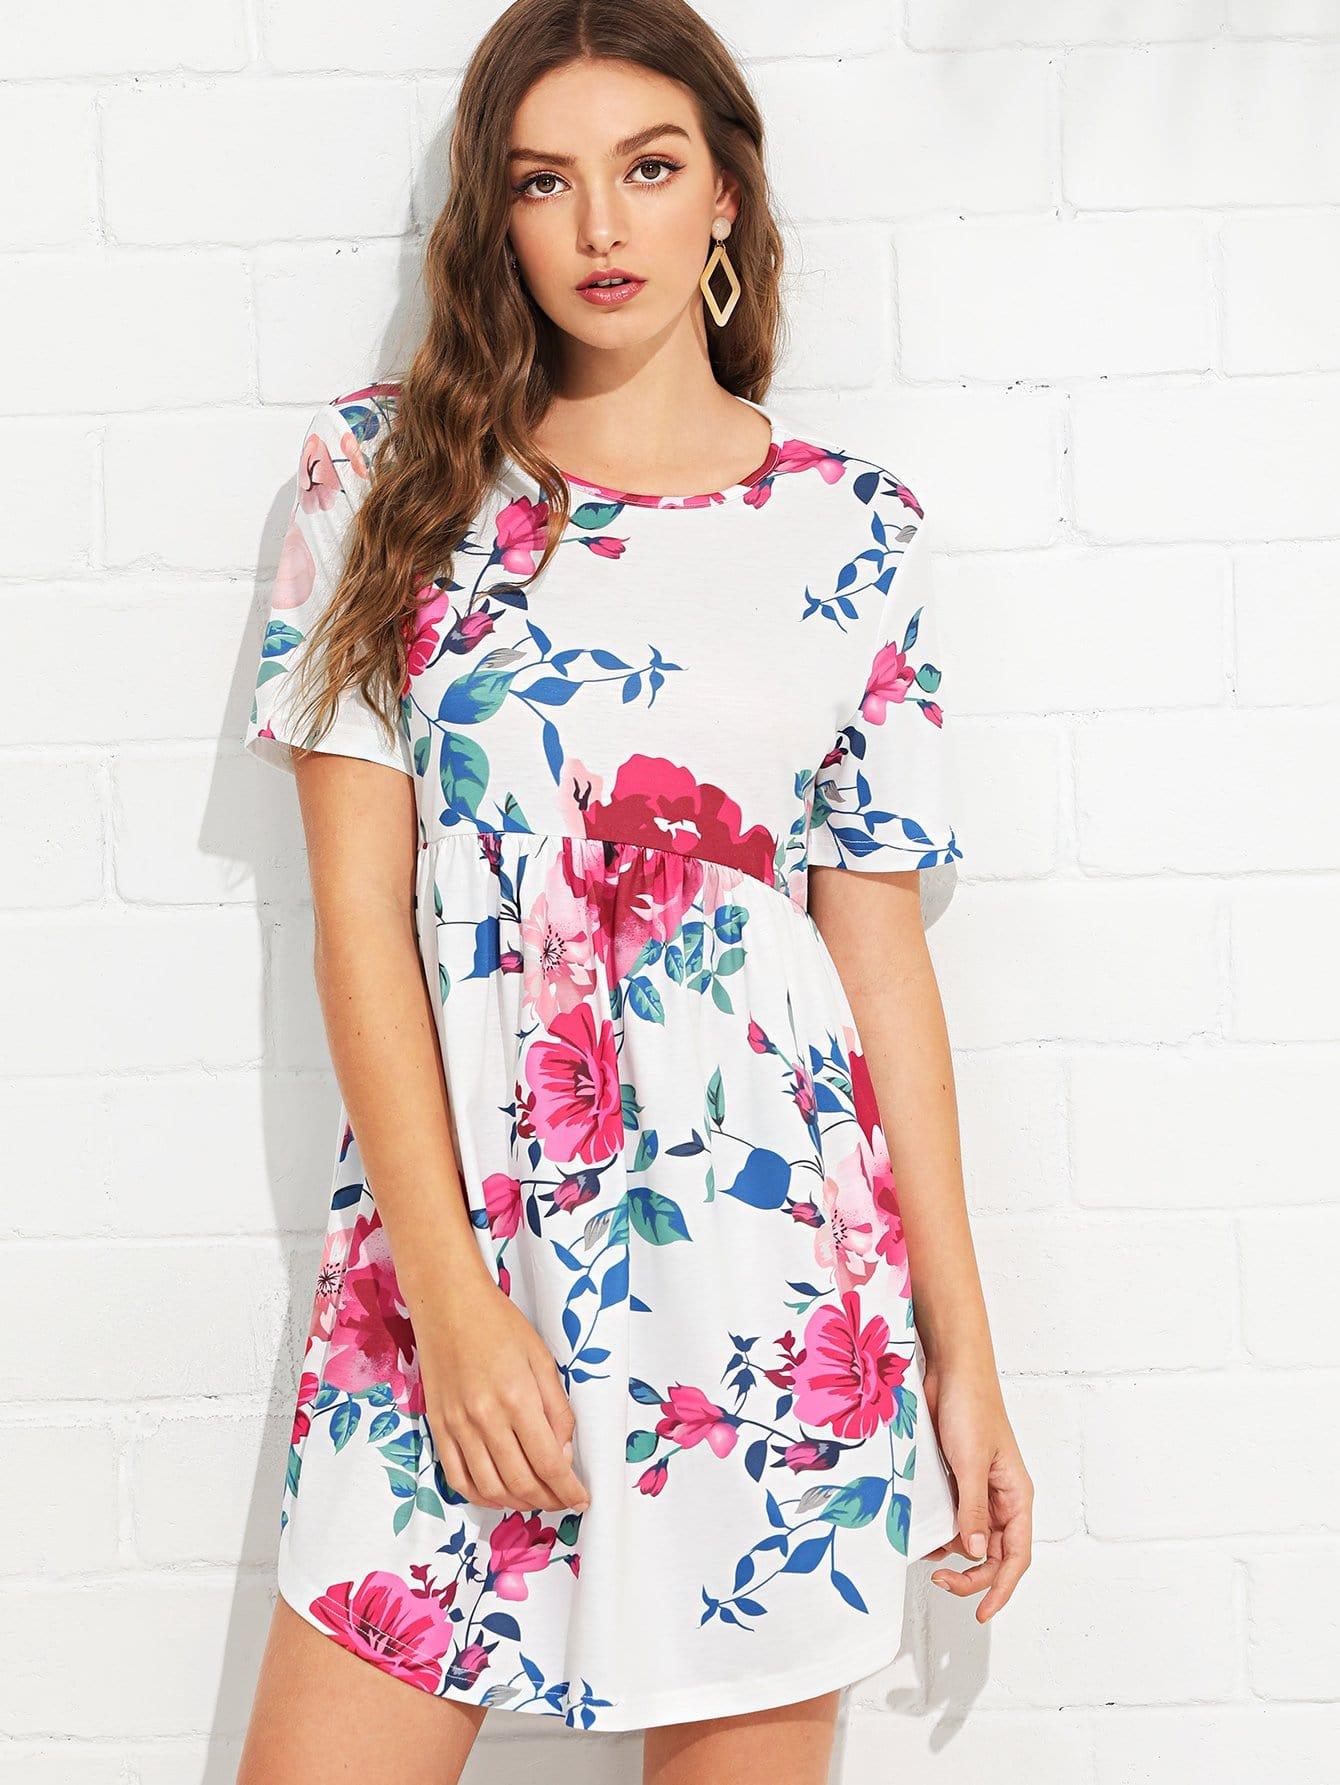 Botanical Print Curved Hem Smock Dress batwing sleeve pocket side curved hem textured dress